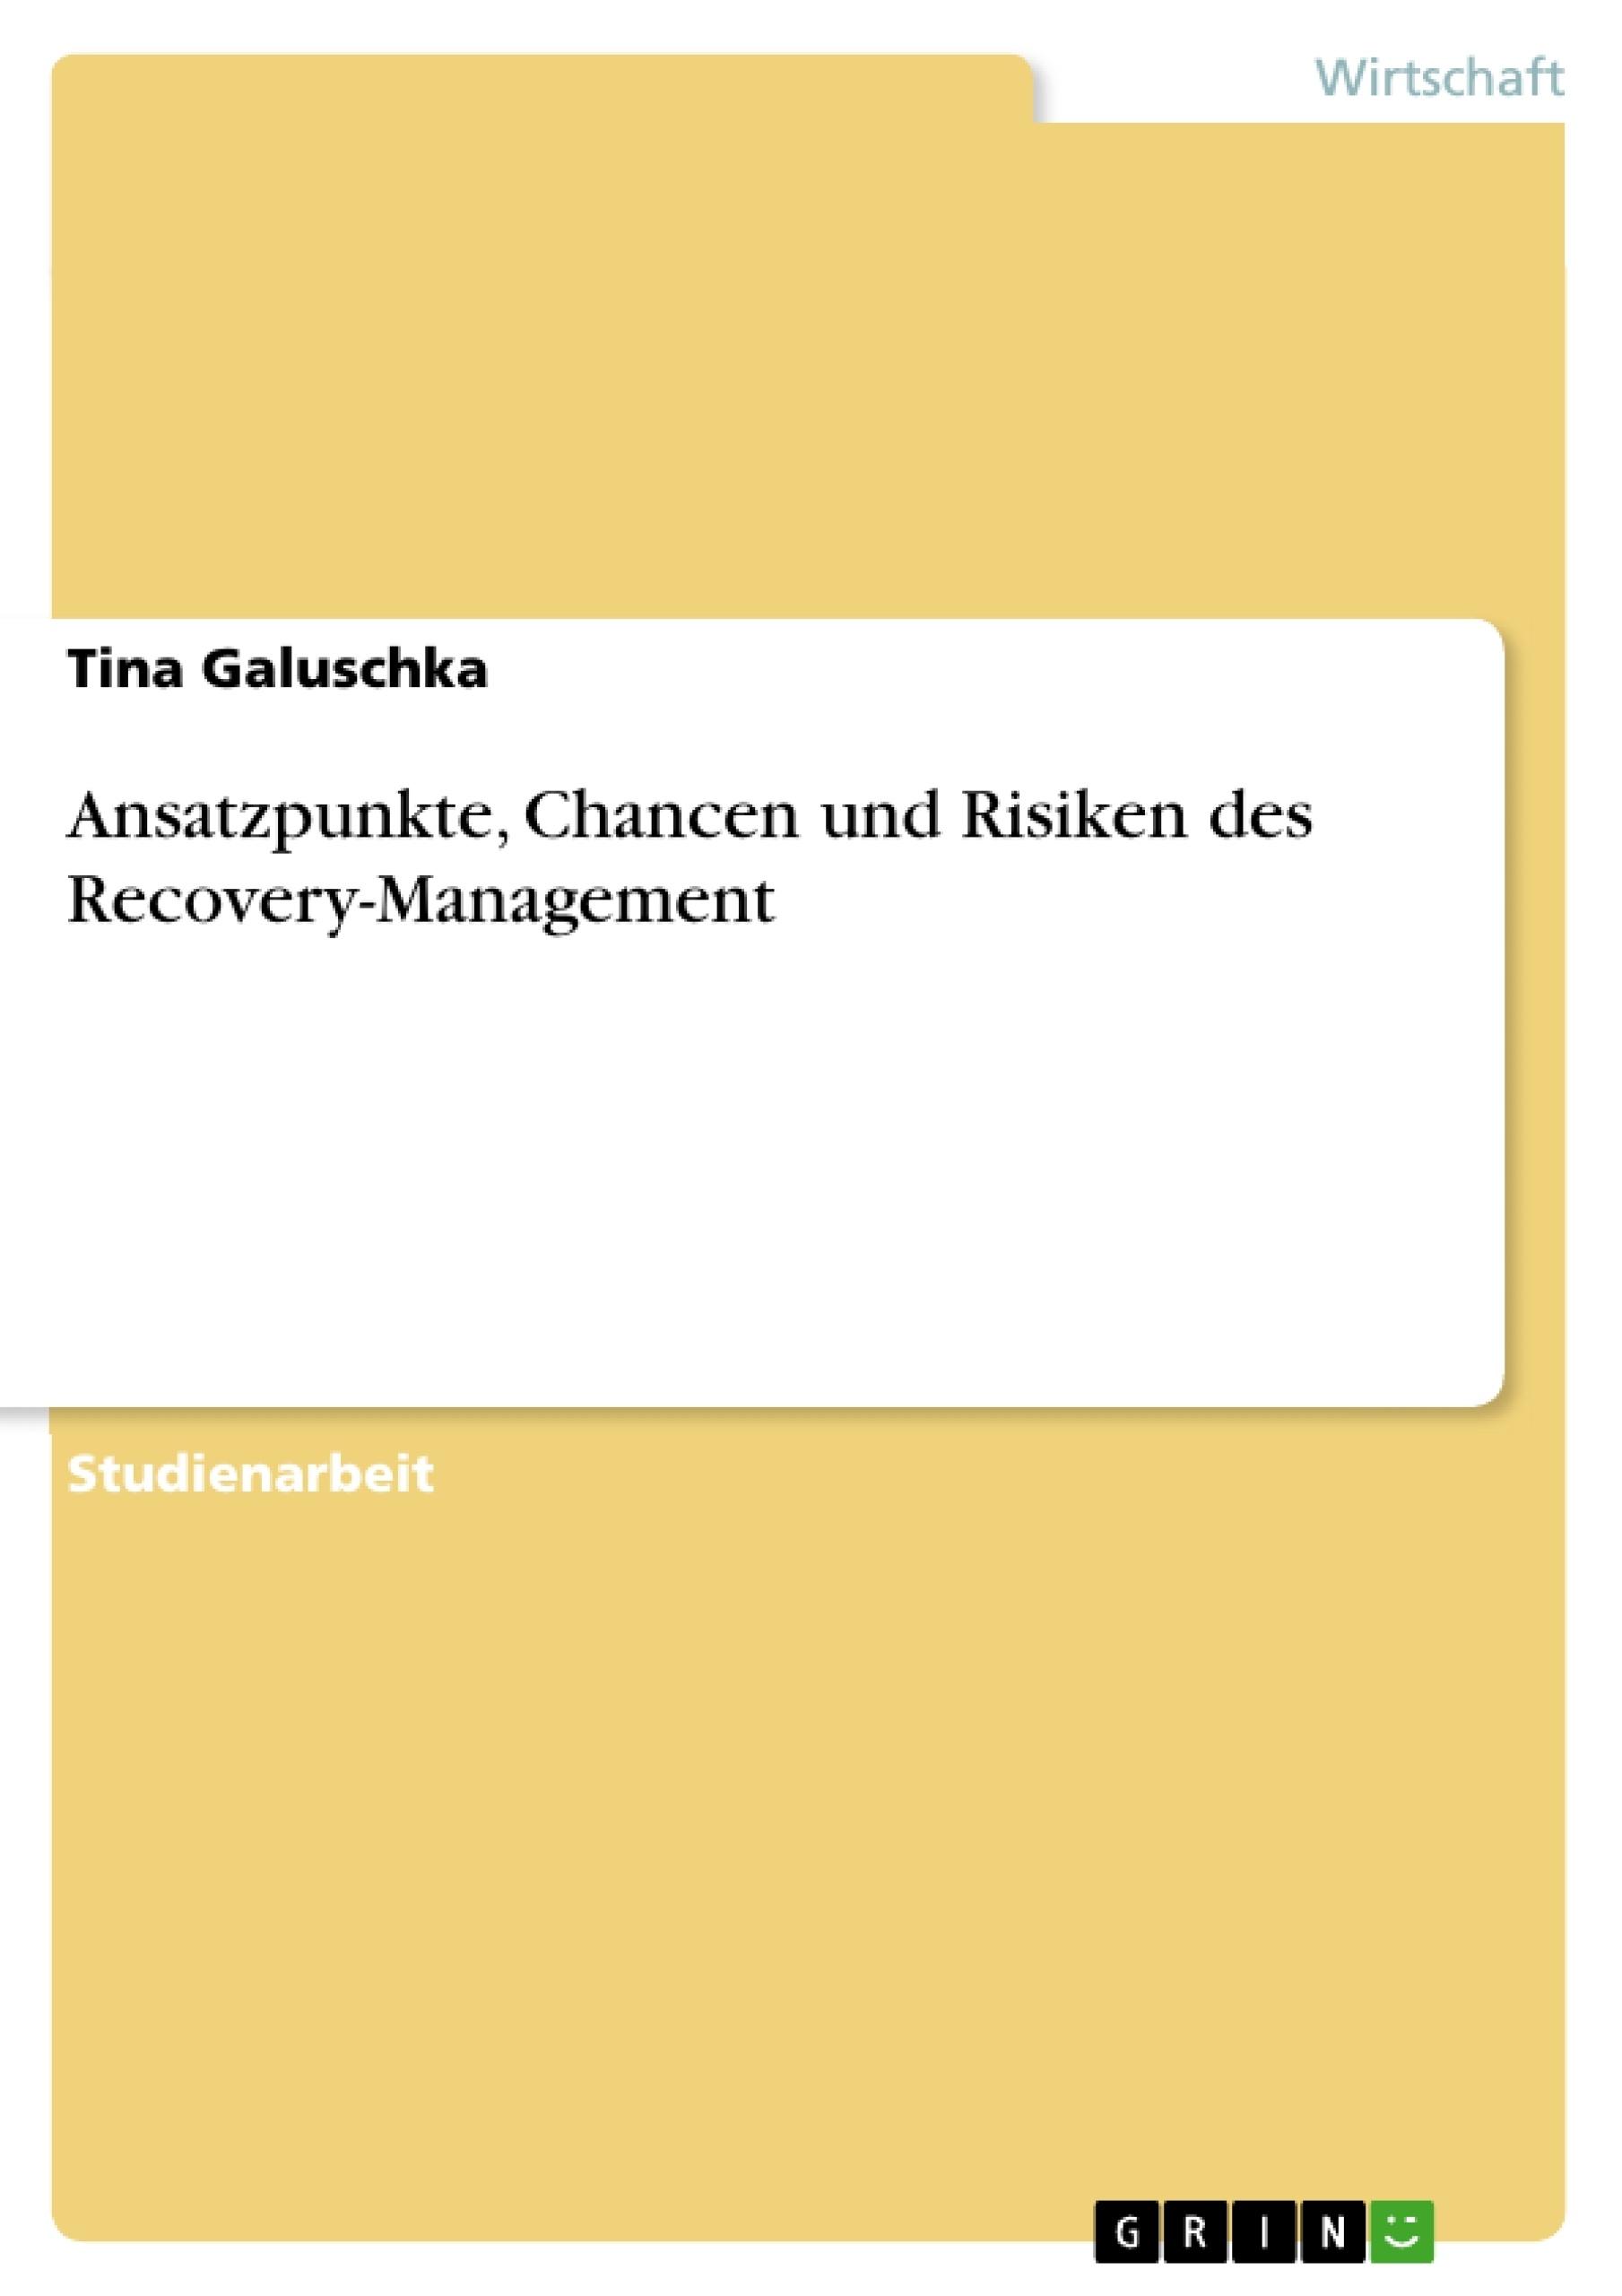 Titel: Ansatzpunkte, Chancen und Risiken des Recovery-Management